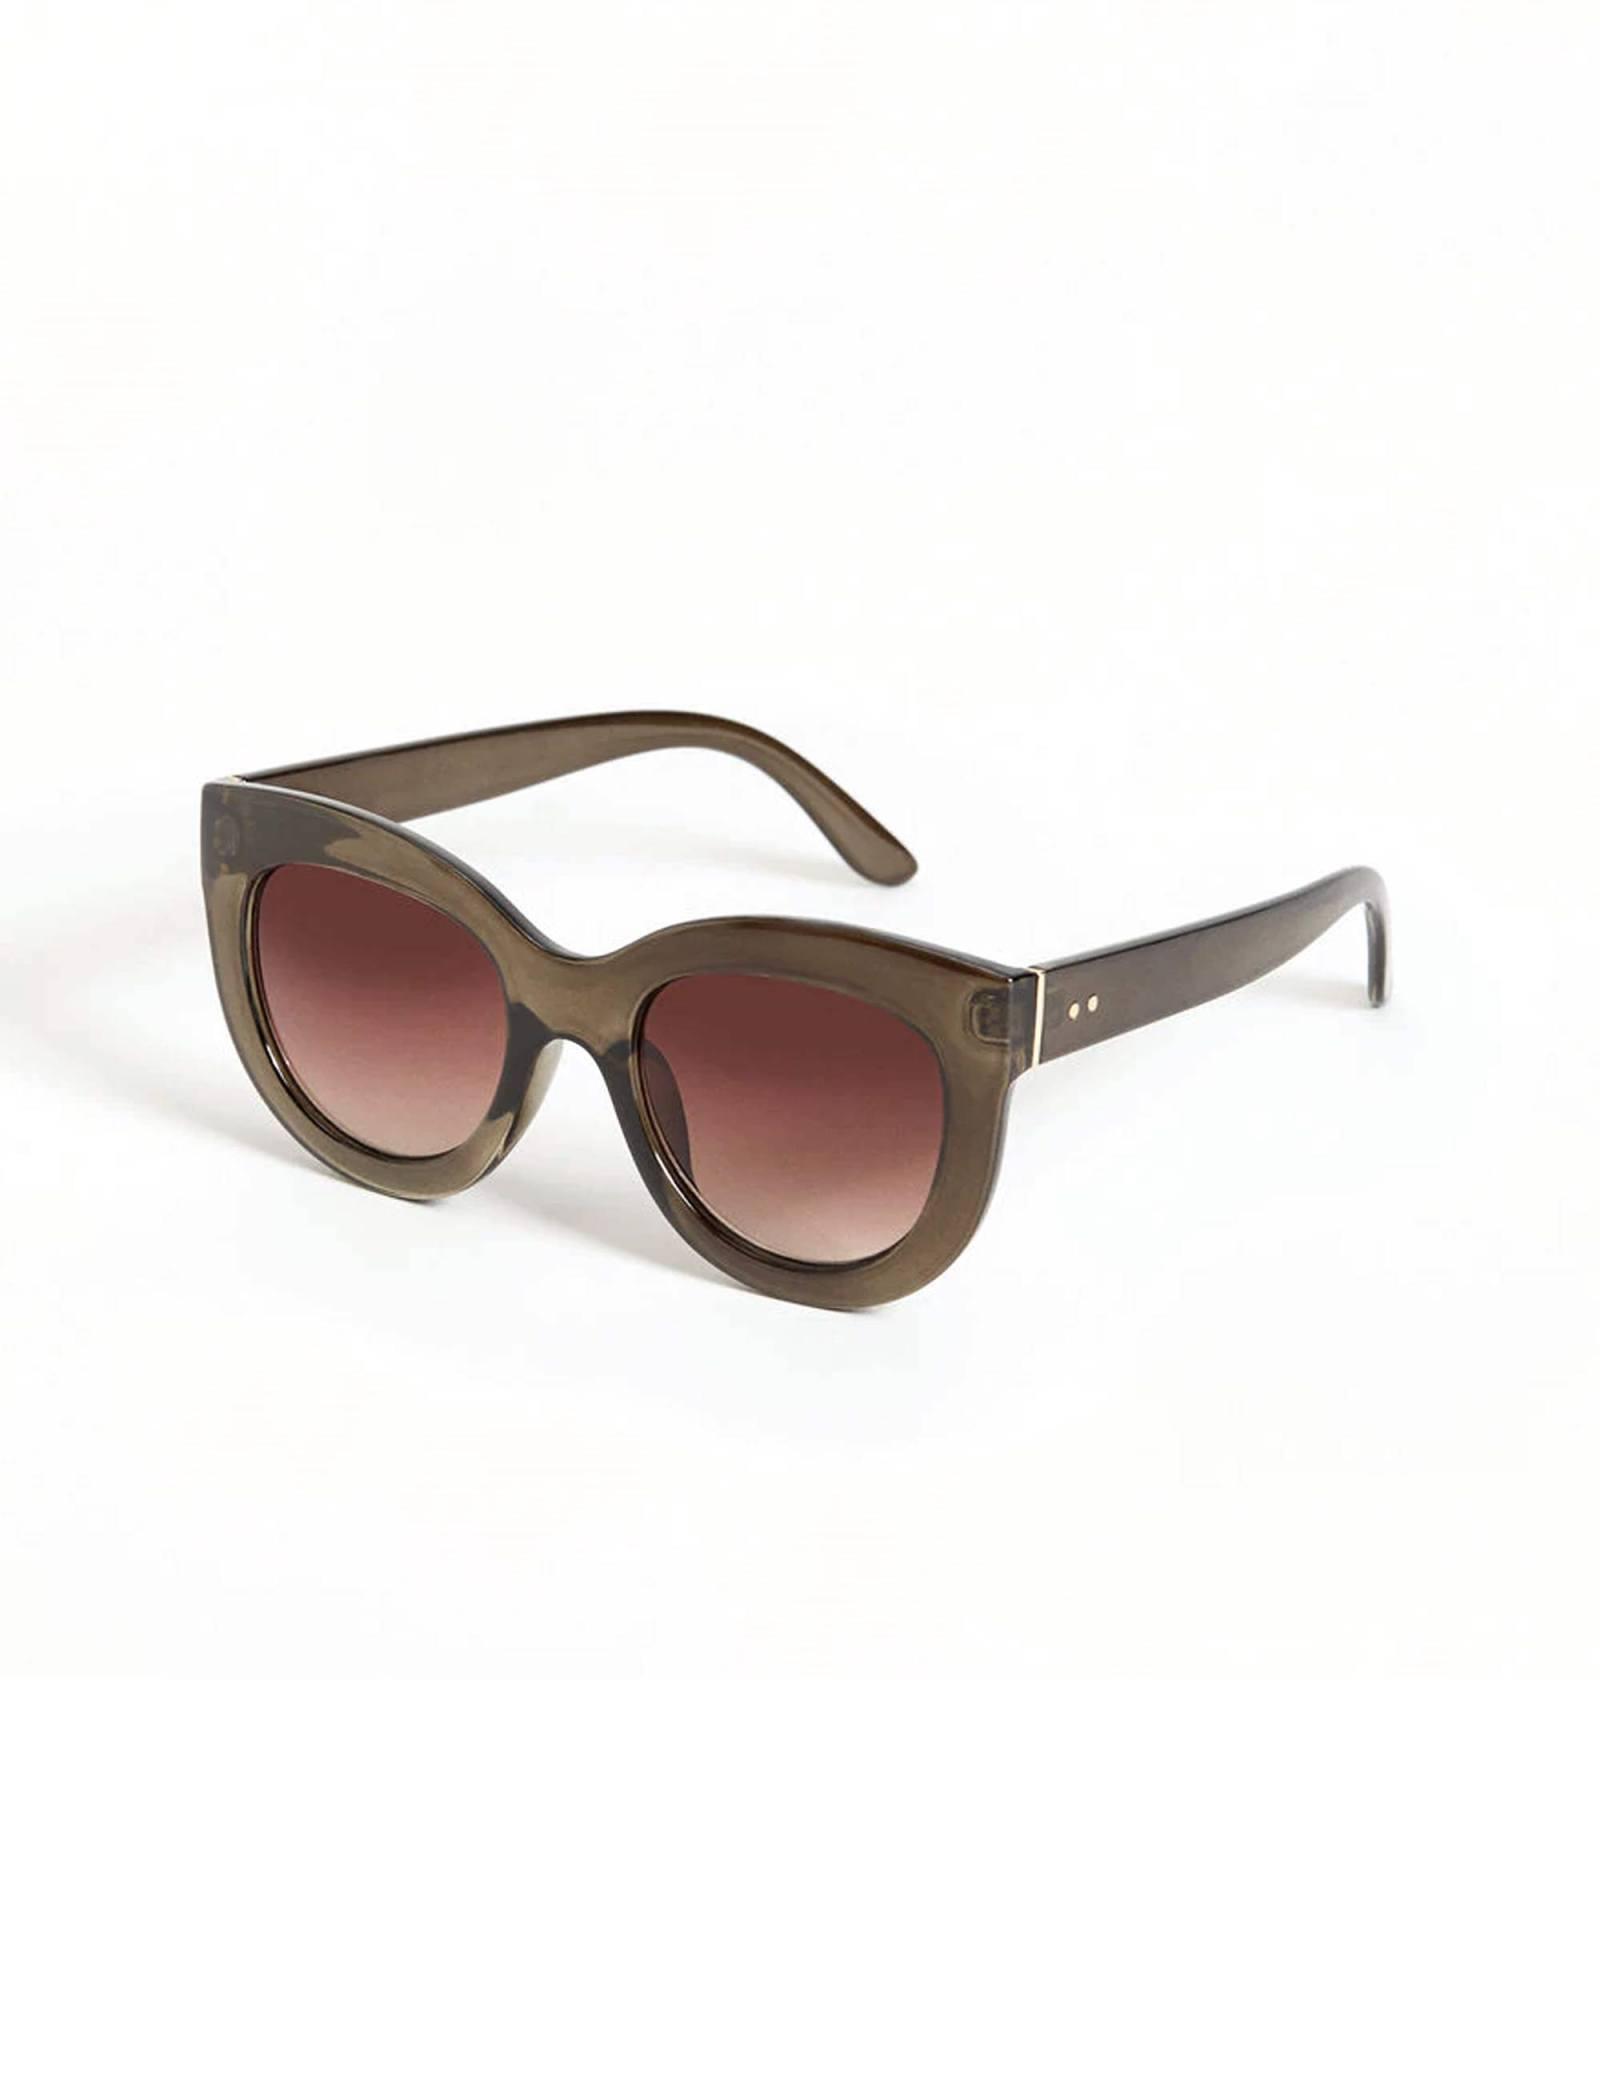 عینک آفتابی گربه ای زنانه - ویولتا بای مانگو - زيتوني - 2